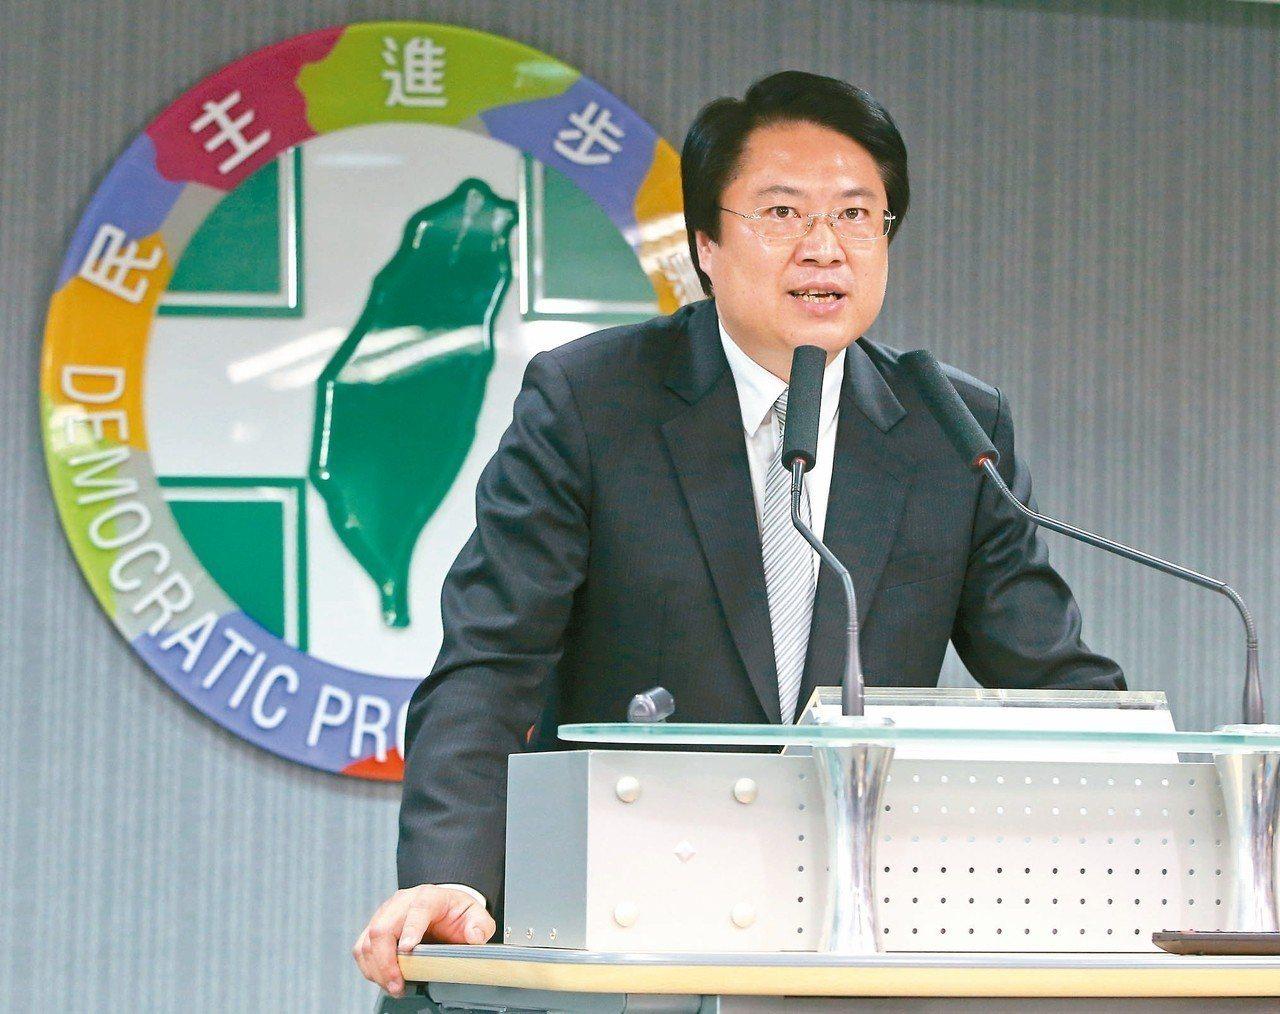 民進黨代理主席林右昌受訪表示,民進黨兩度成為執政黨,人民不欠民進黨,這次選舉慘敗...